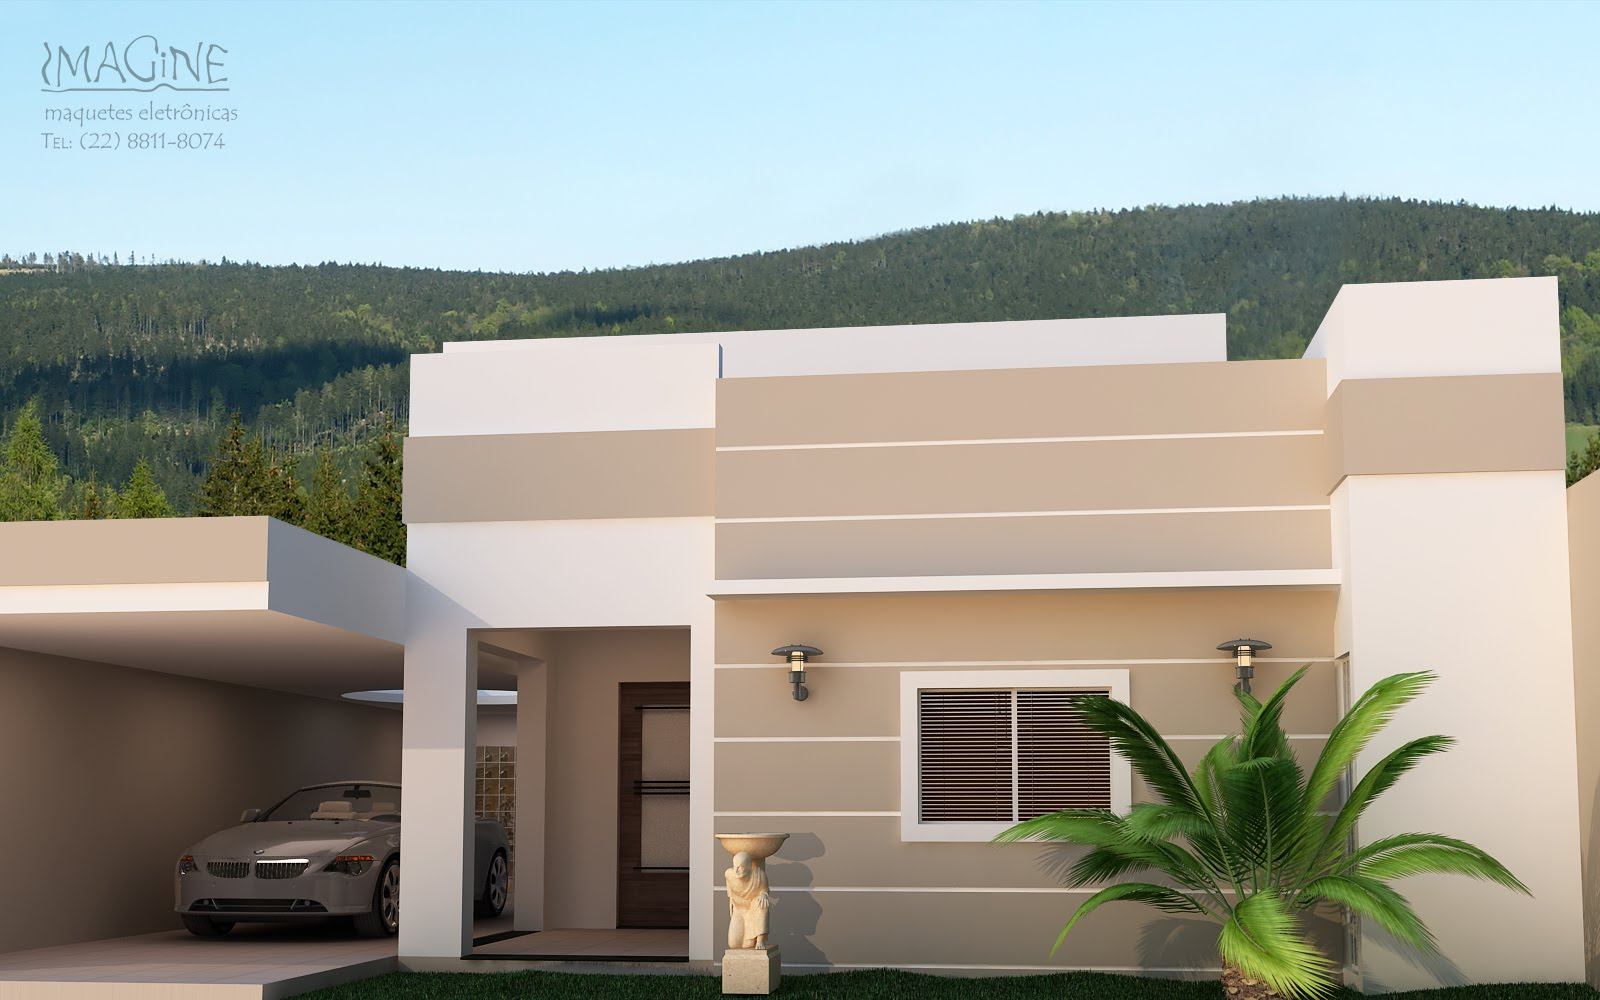 Casas y fachadas modernas interesting fachadas de casas for Buscar casas modernas